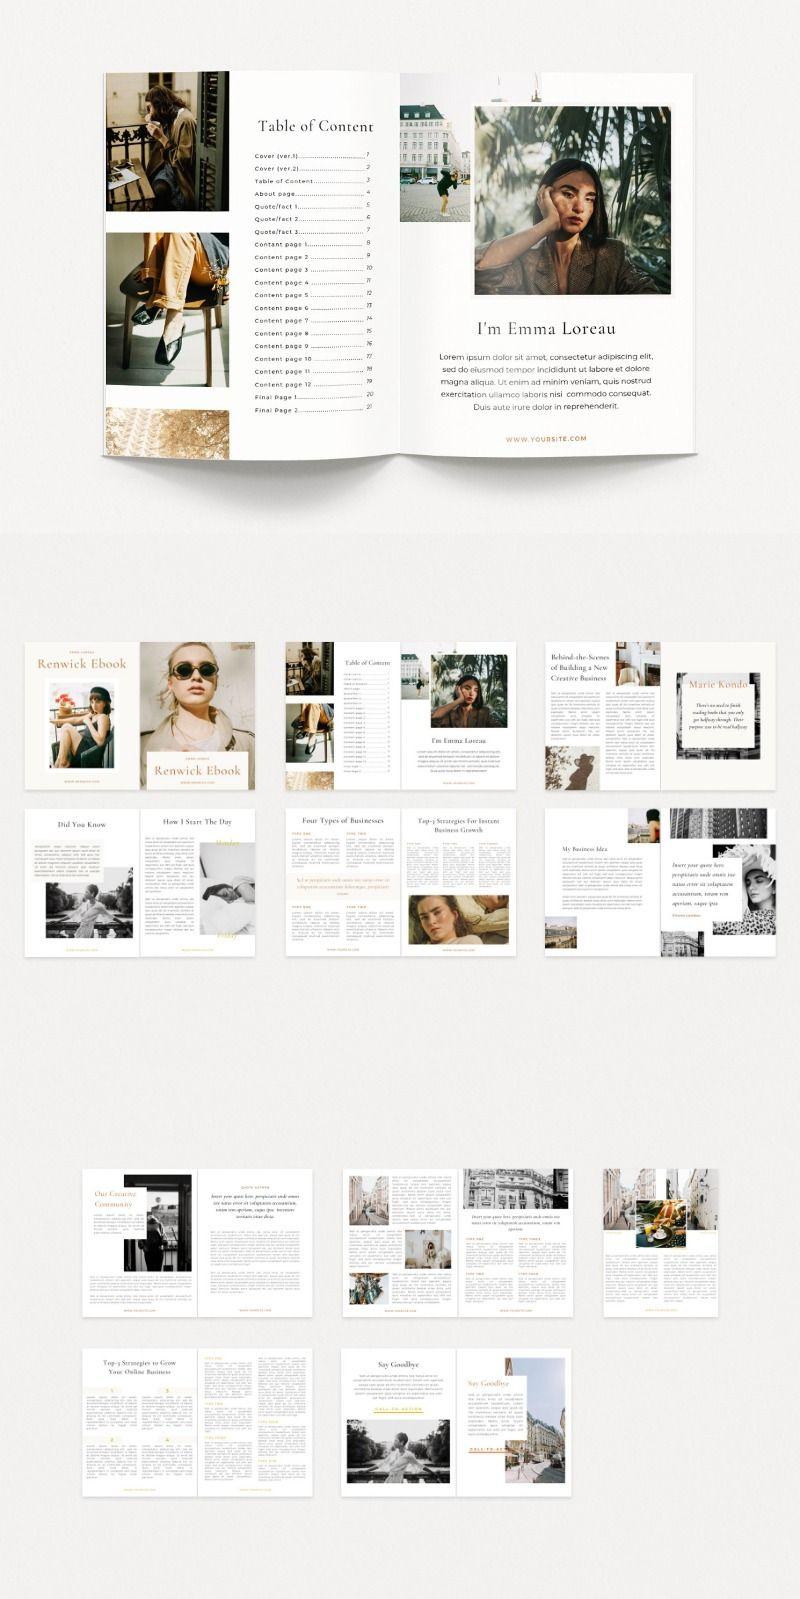 Renwick Ebook Canva Branding Website Design Ebook Template Graphic Design Branding